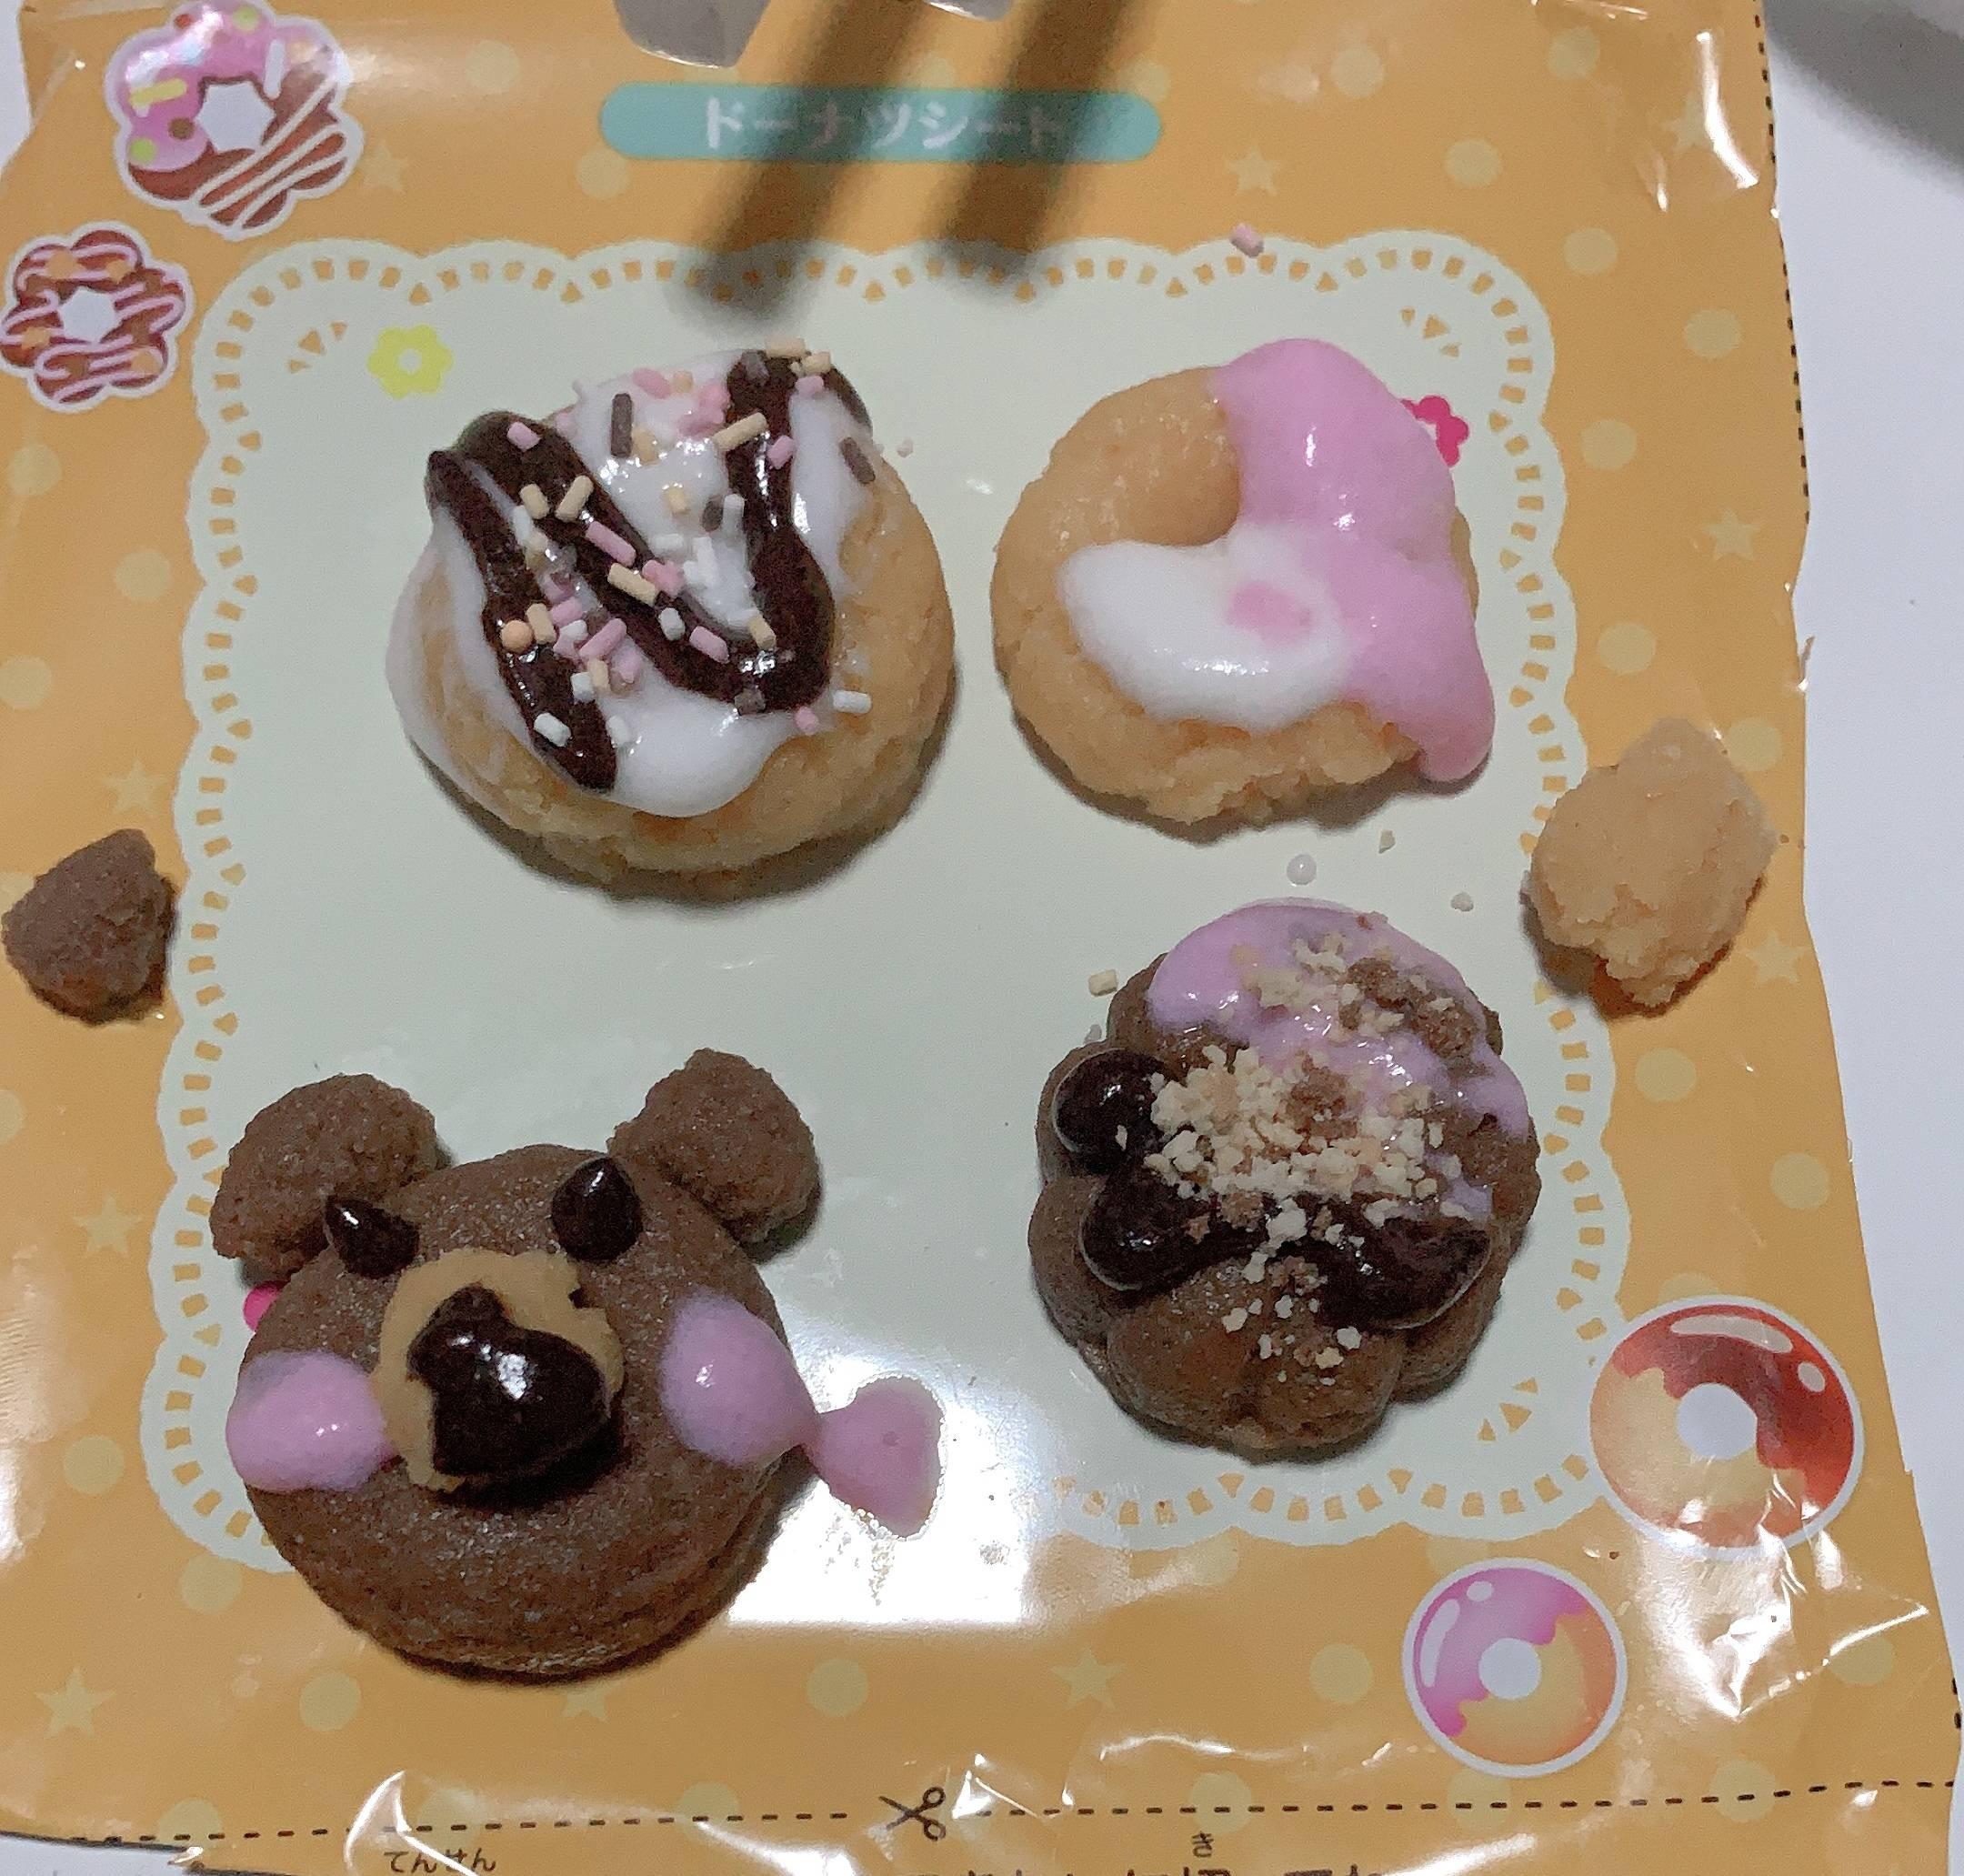 【画像有】知育菓子のドーナツ作るぞ!